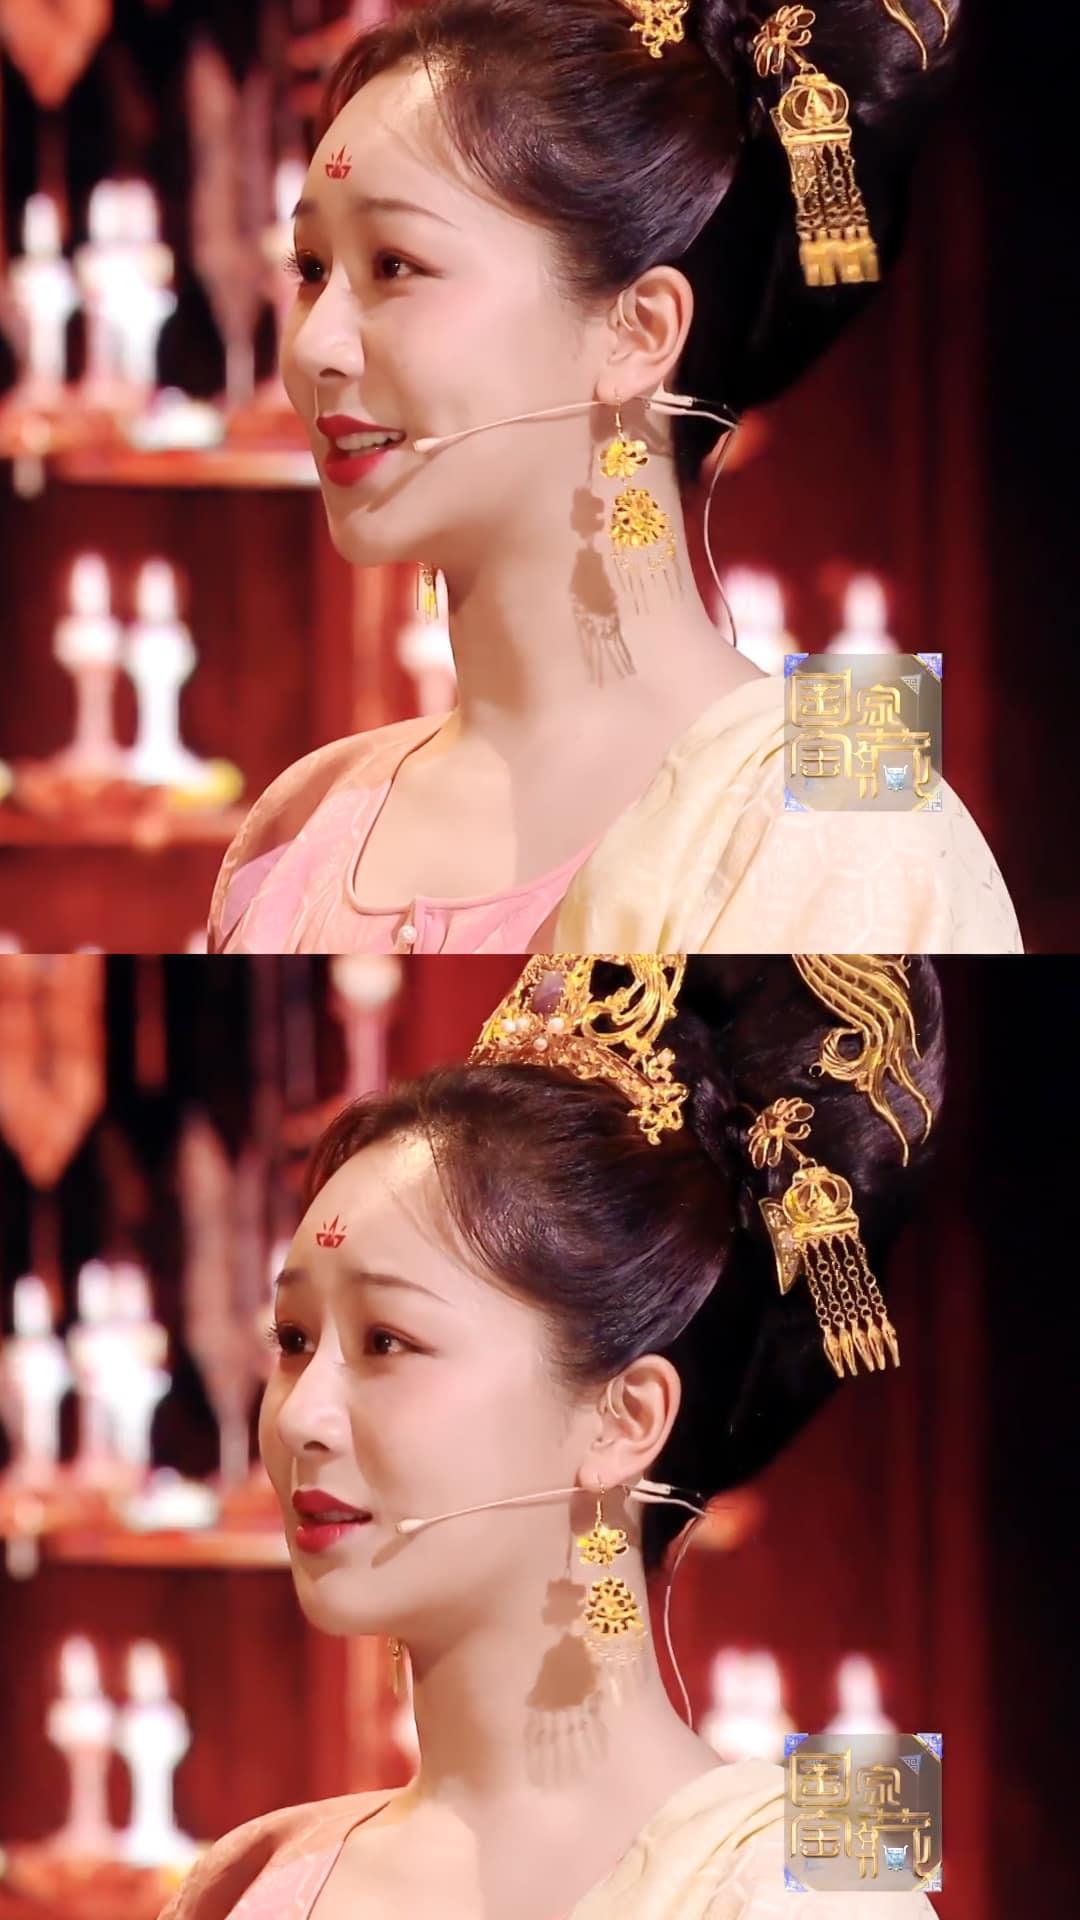 Dương Tử lộ ảnh chưa chỉnh sửa khi hóa công chúa thời Đường, fan vẫn hết lời khen ngợi: Mũm mĩm tí lại xinh! - Ảnh 2.